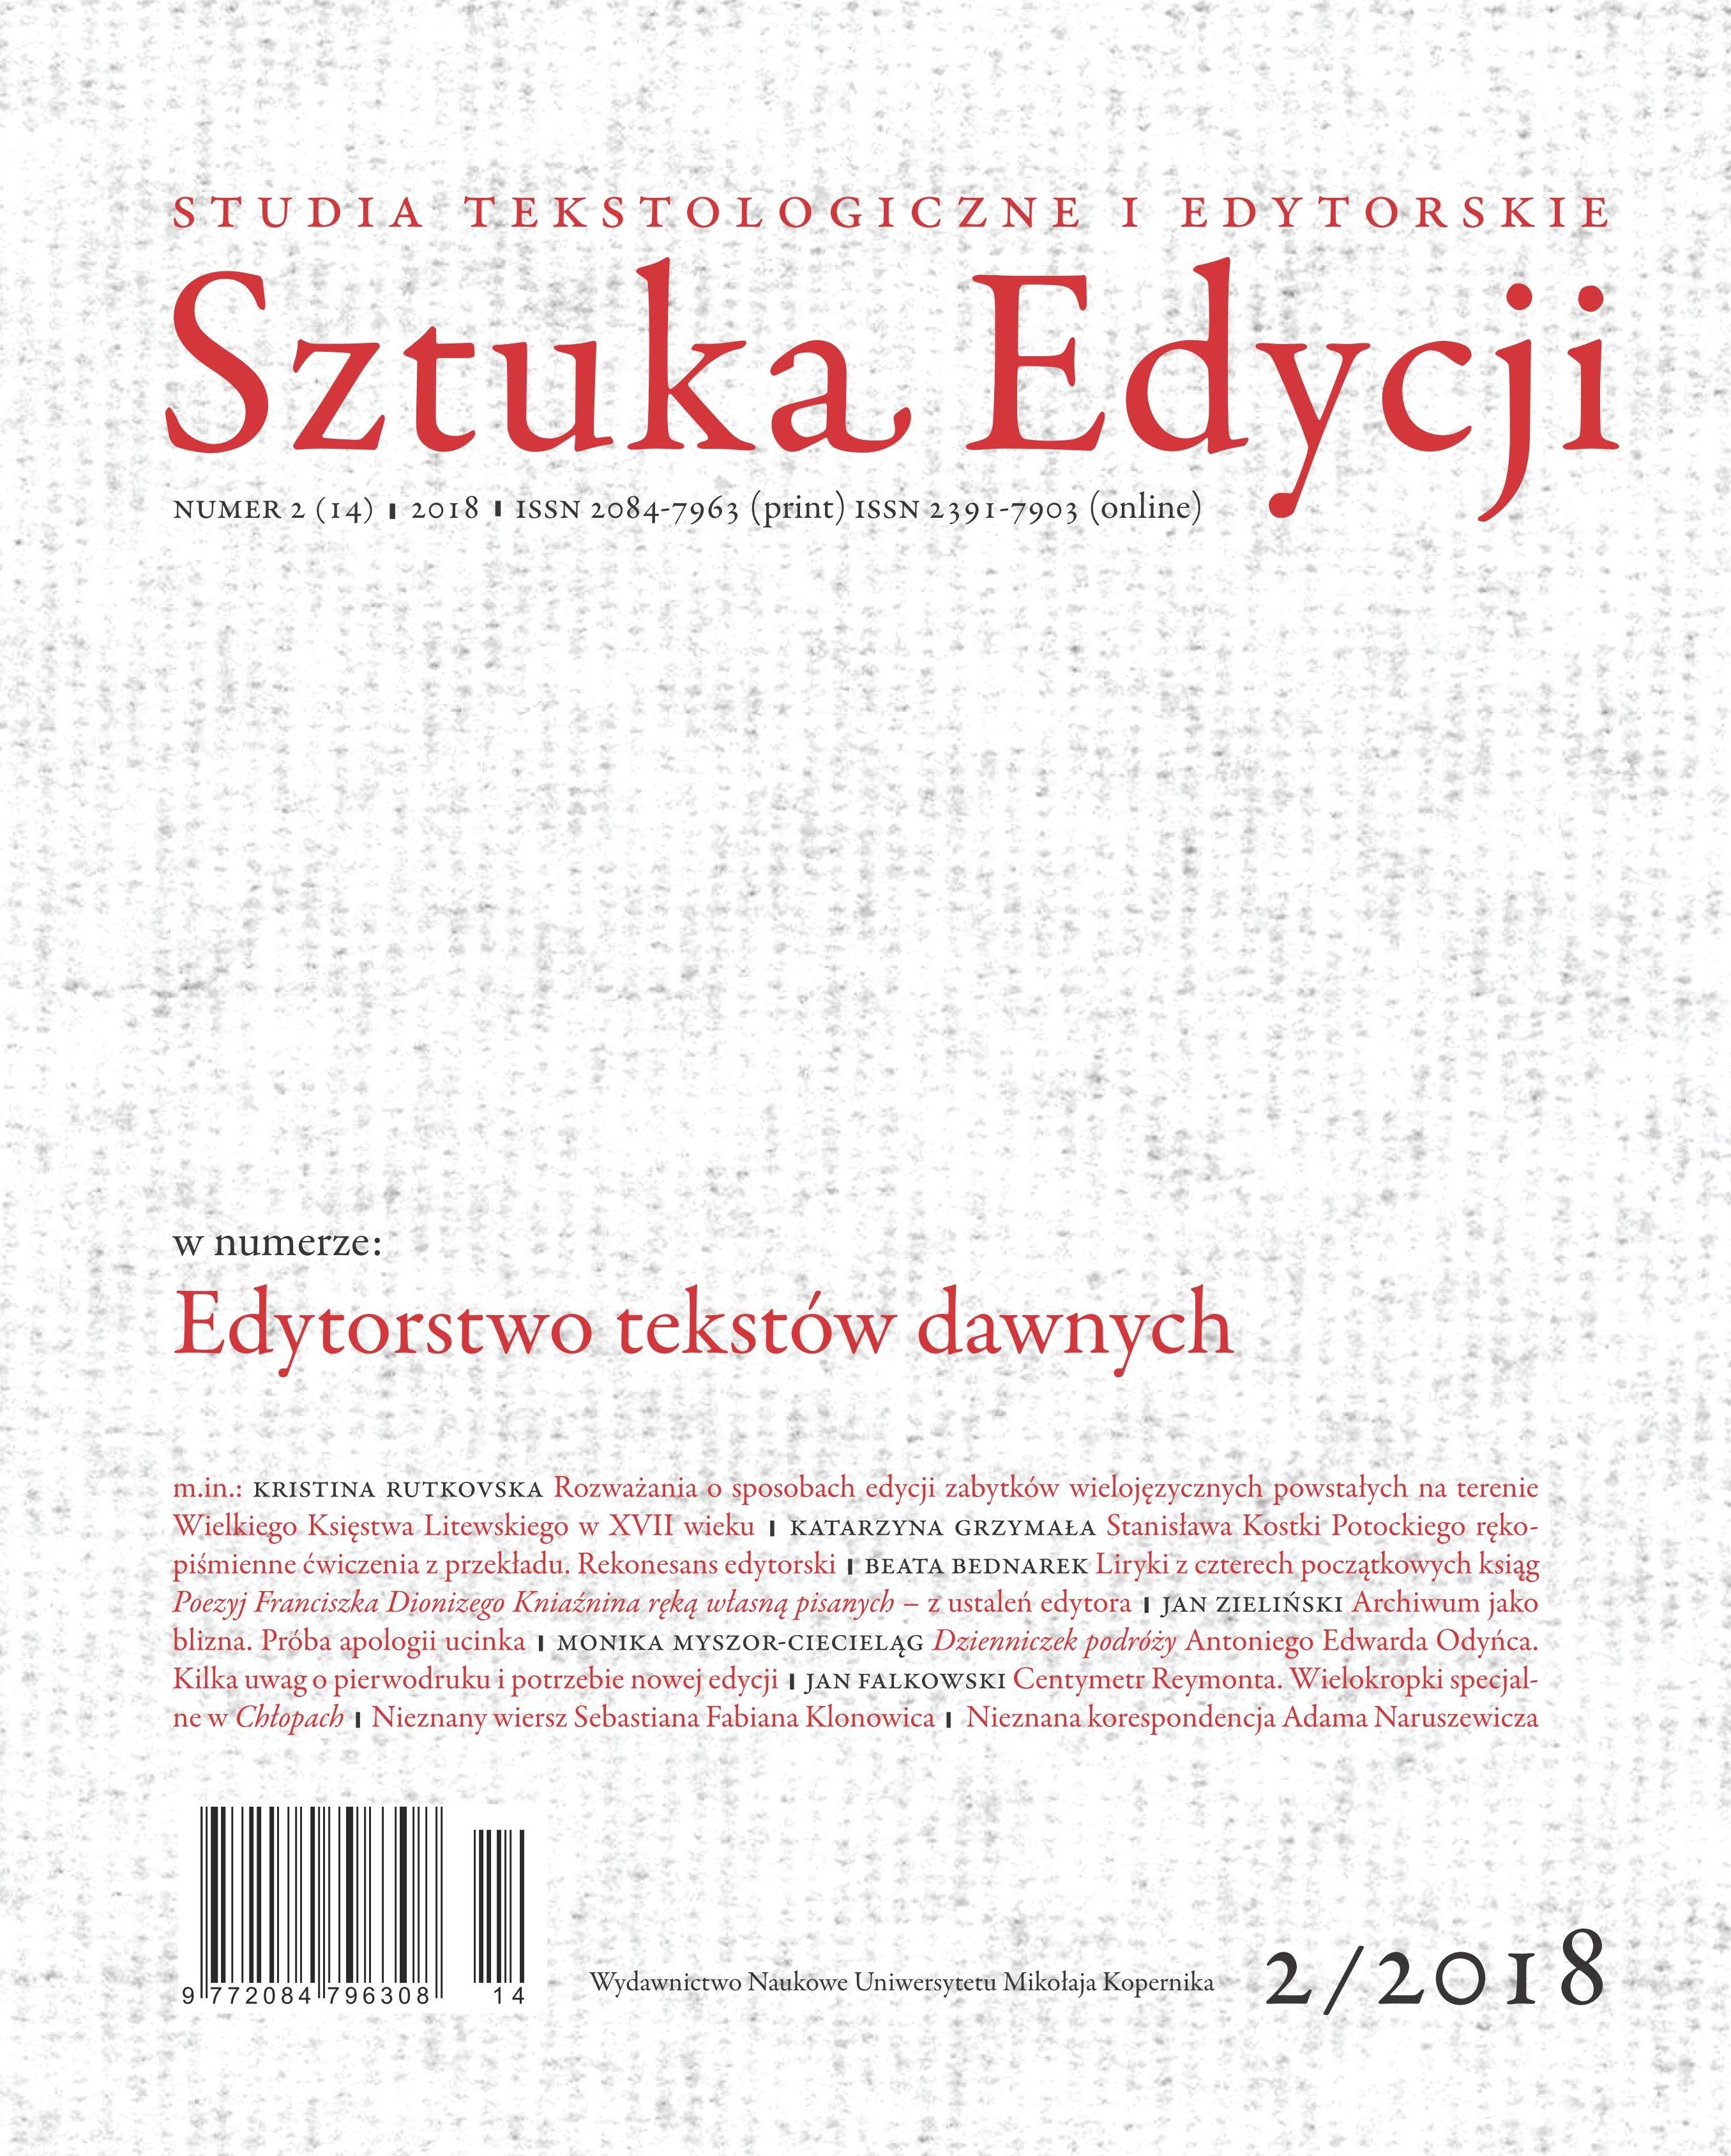 Pokaż  Tom 14 Nr 2 (2018): Edytorstwo tekstów dawnych, pod red. Tomasza Chachulskiego